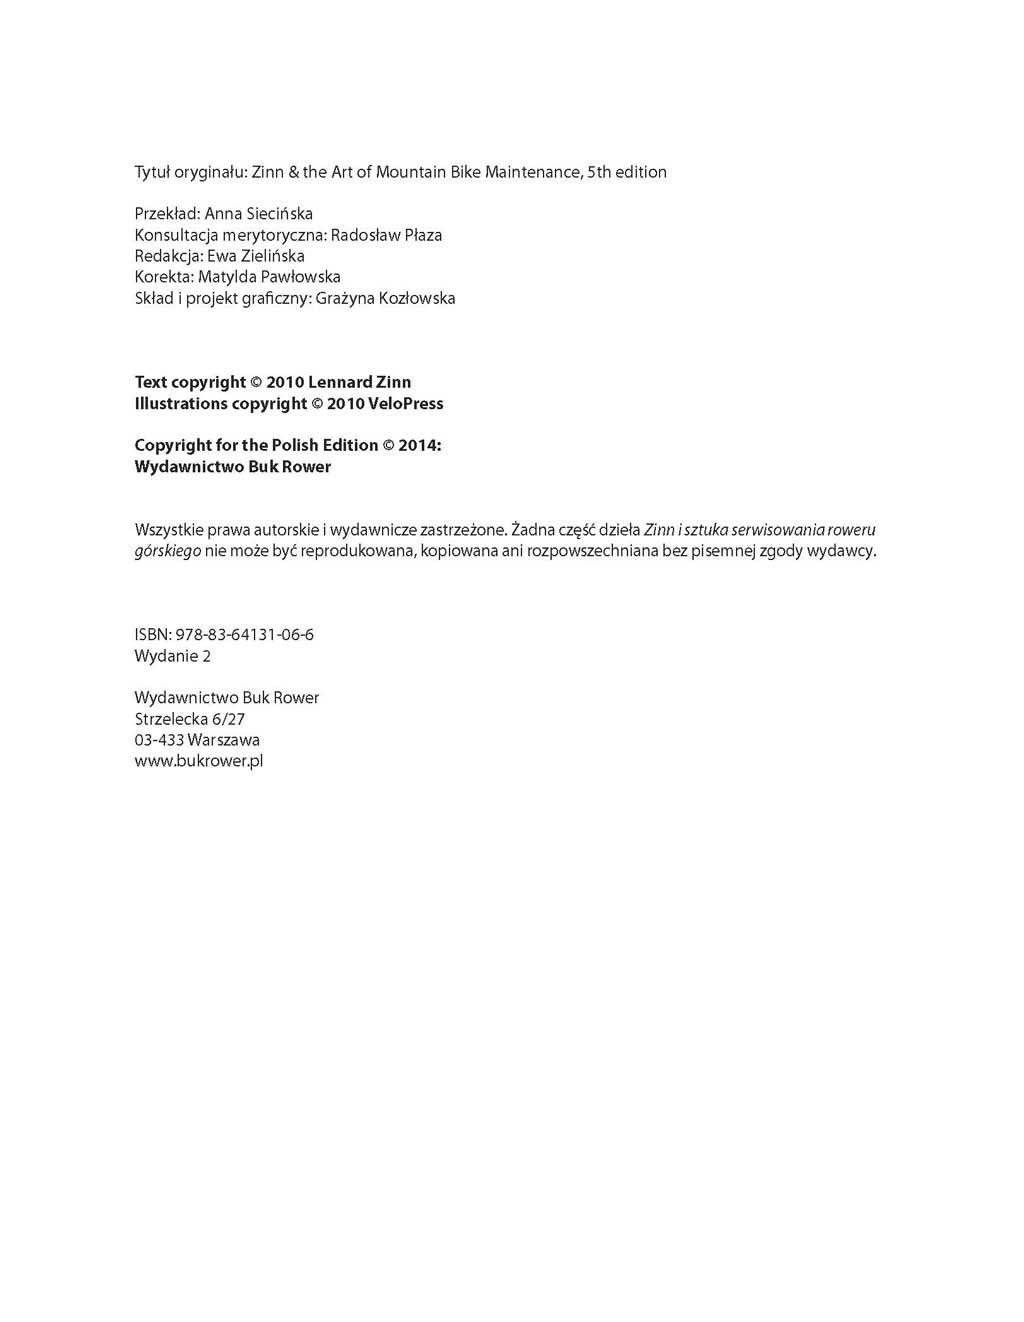 zinn i sztuka serwisowania roweru górskiego pdf